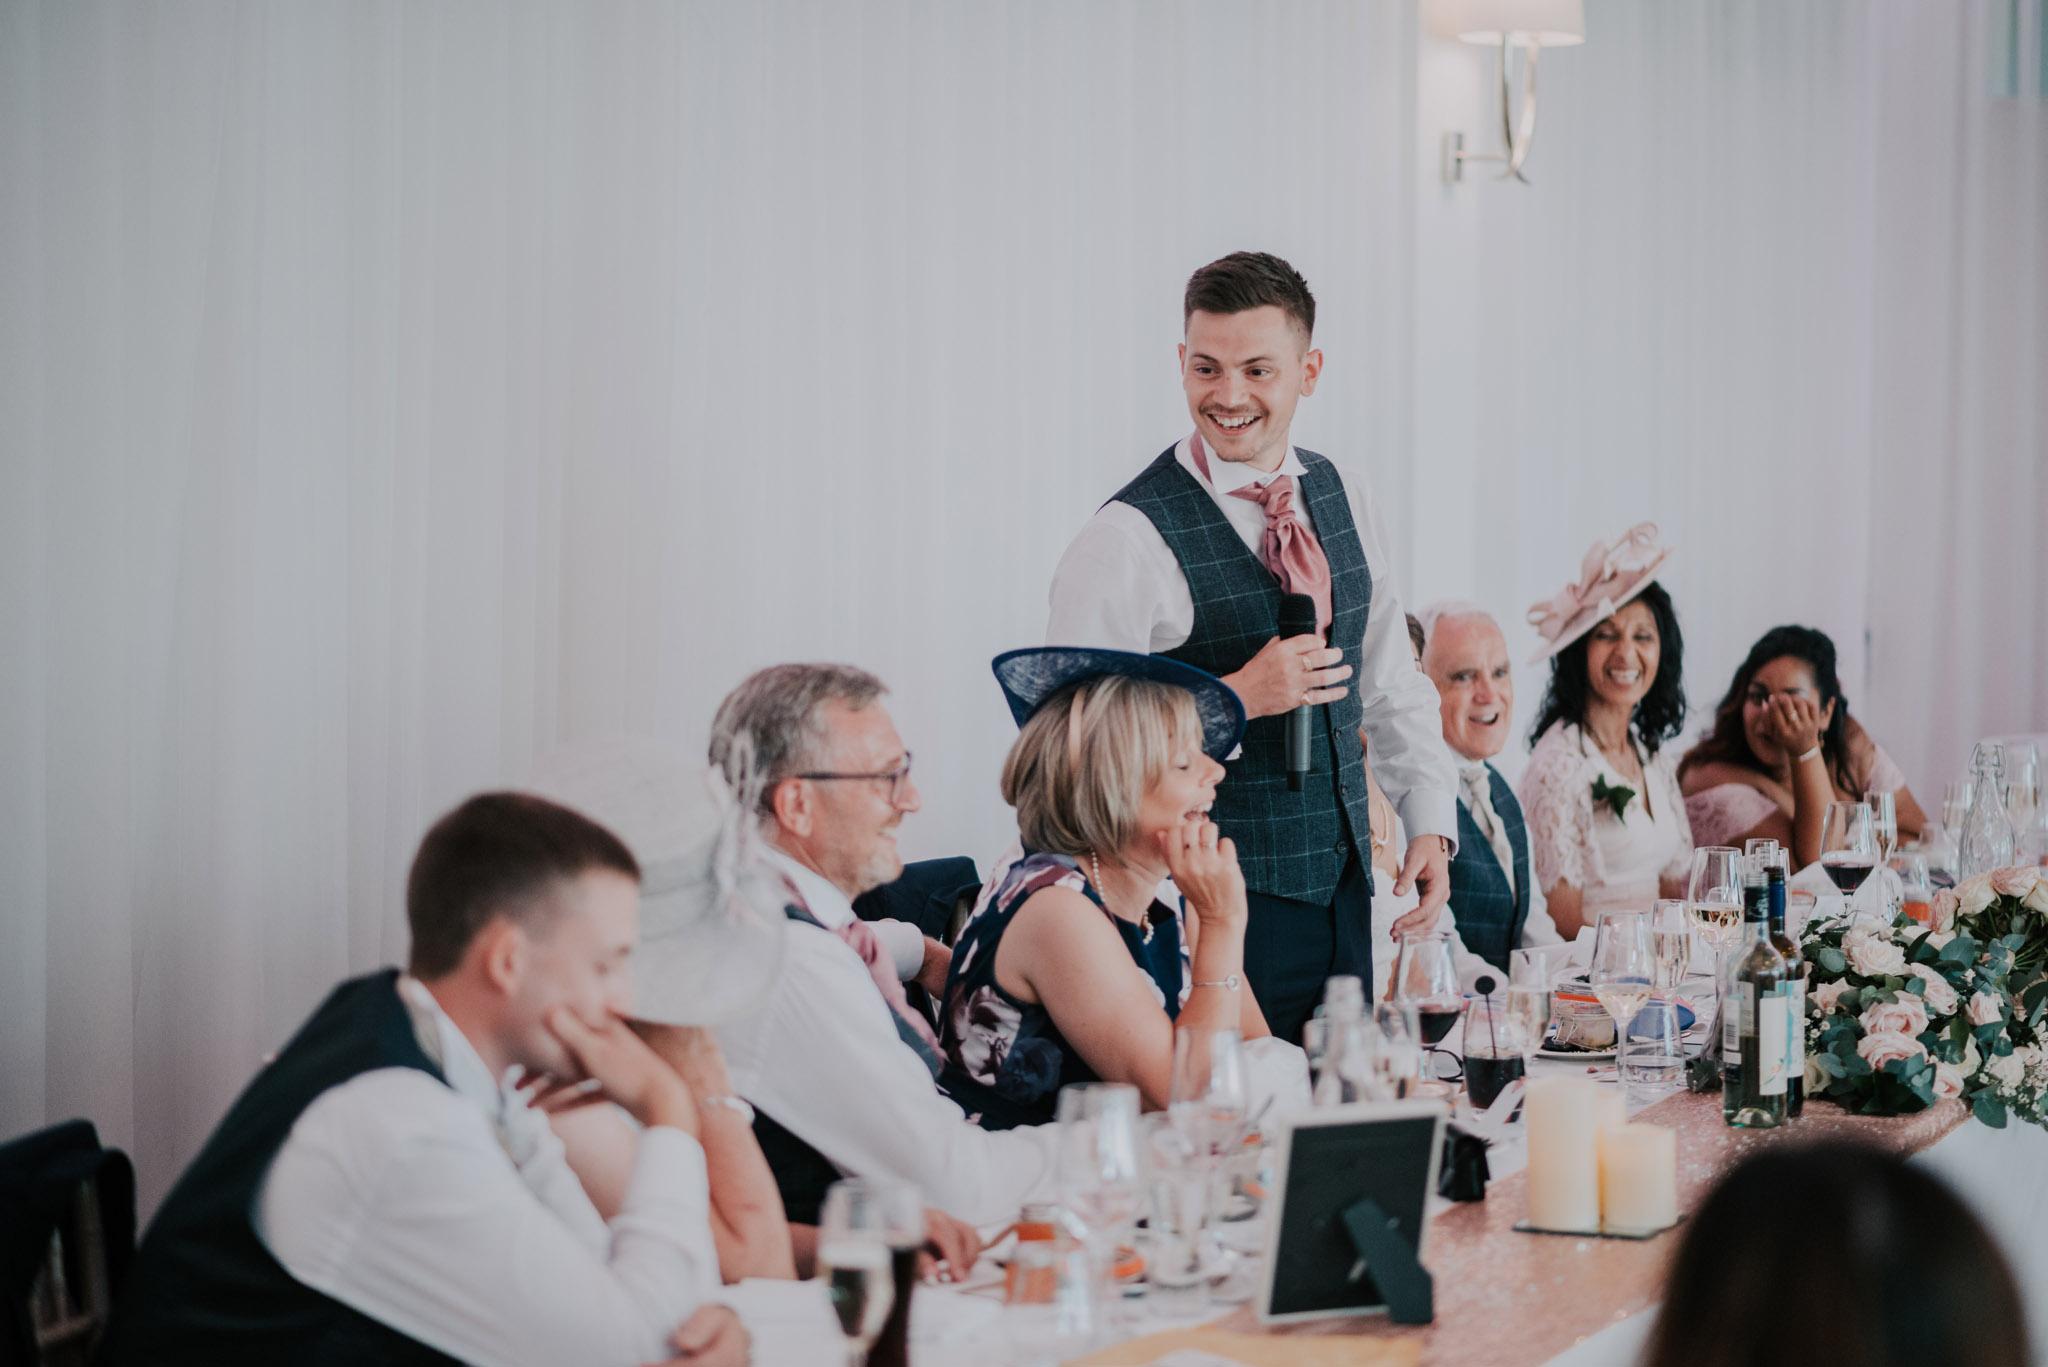 scott-stockwell-wedding-photographer-wood-norton-evesham310.jpg